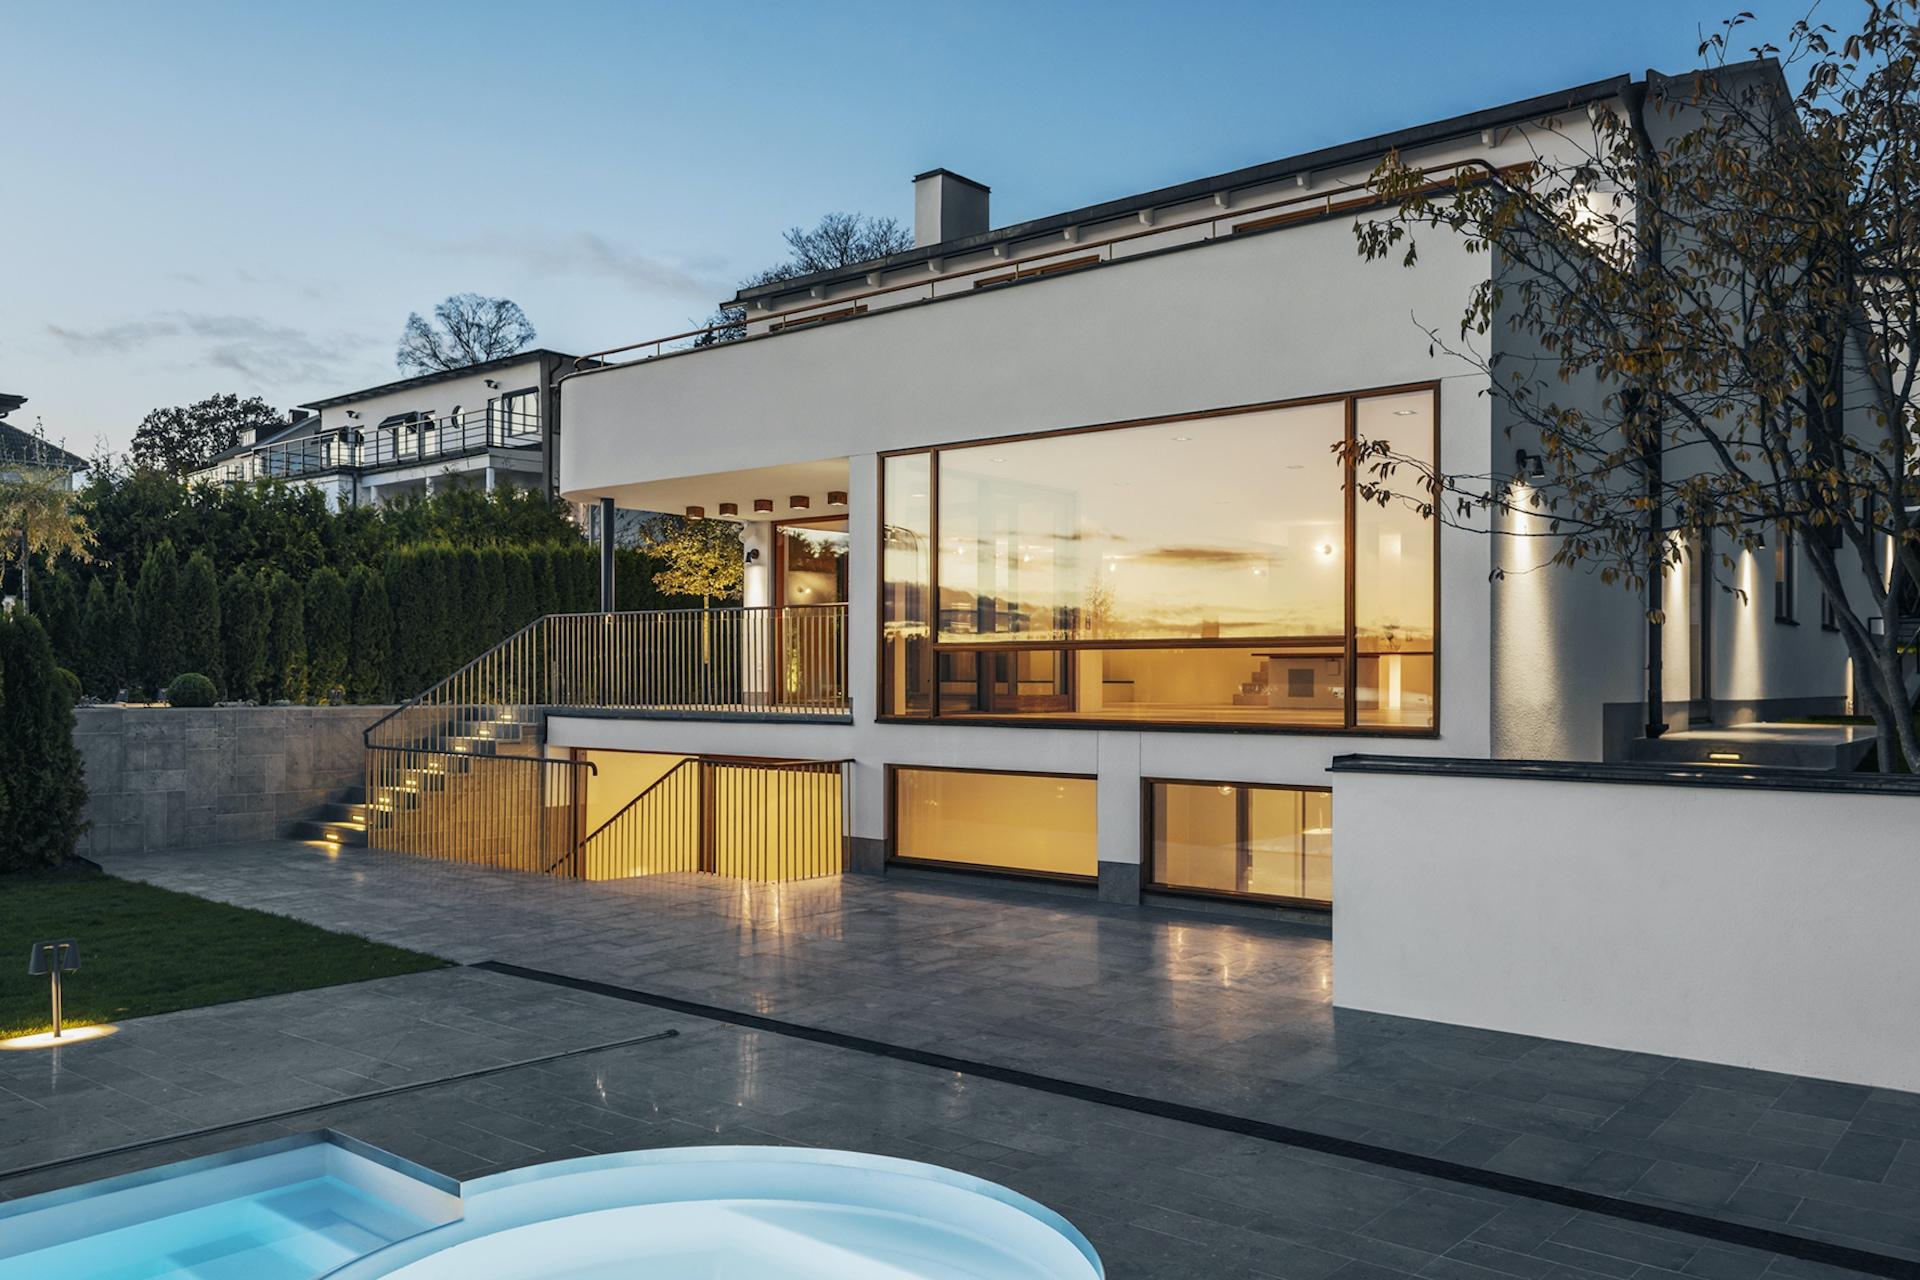 Fasadkultur digital marknadsföring